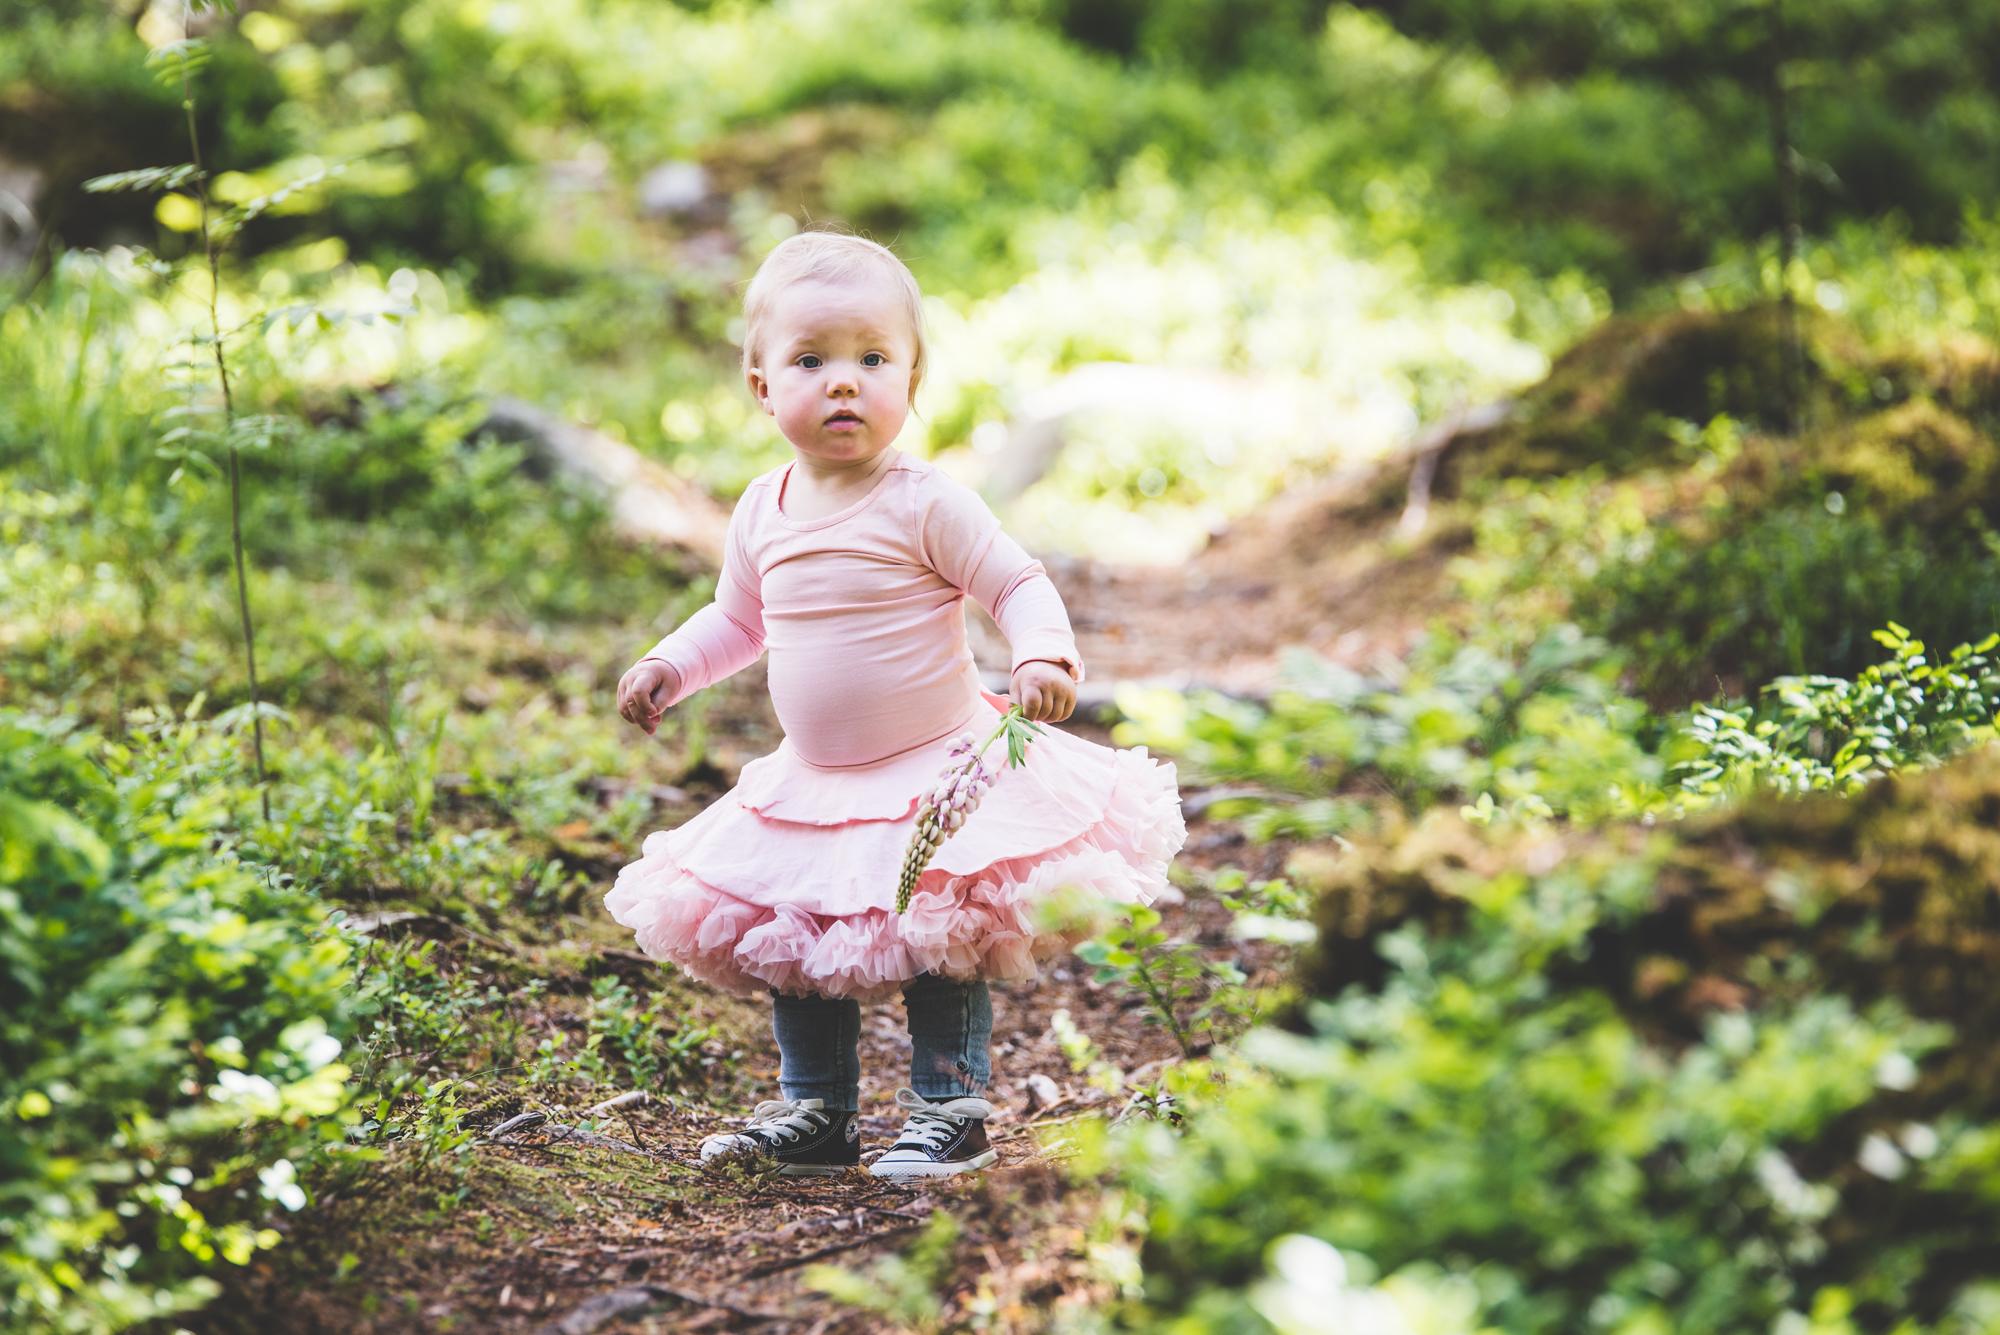 oxa_lapsi_miljöö-25.jpg